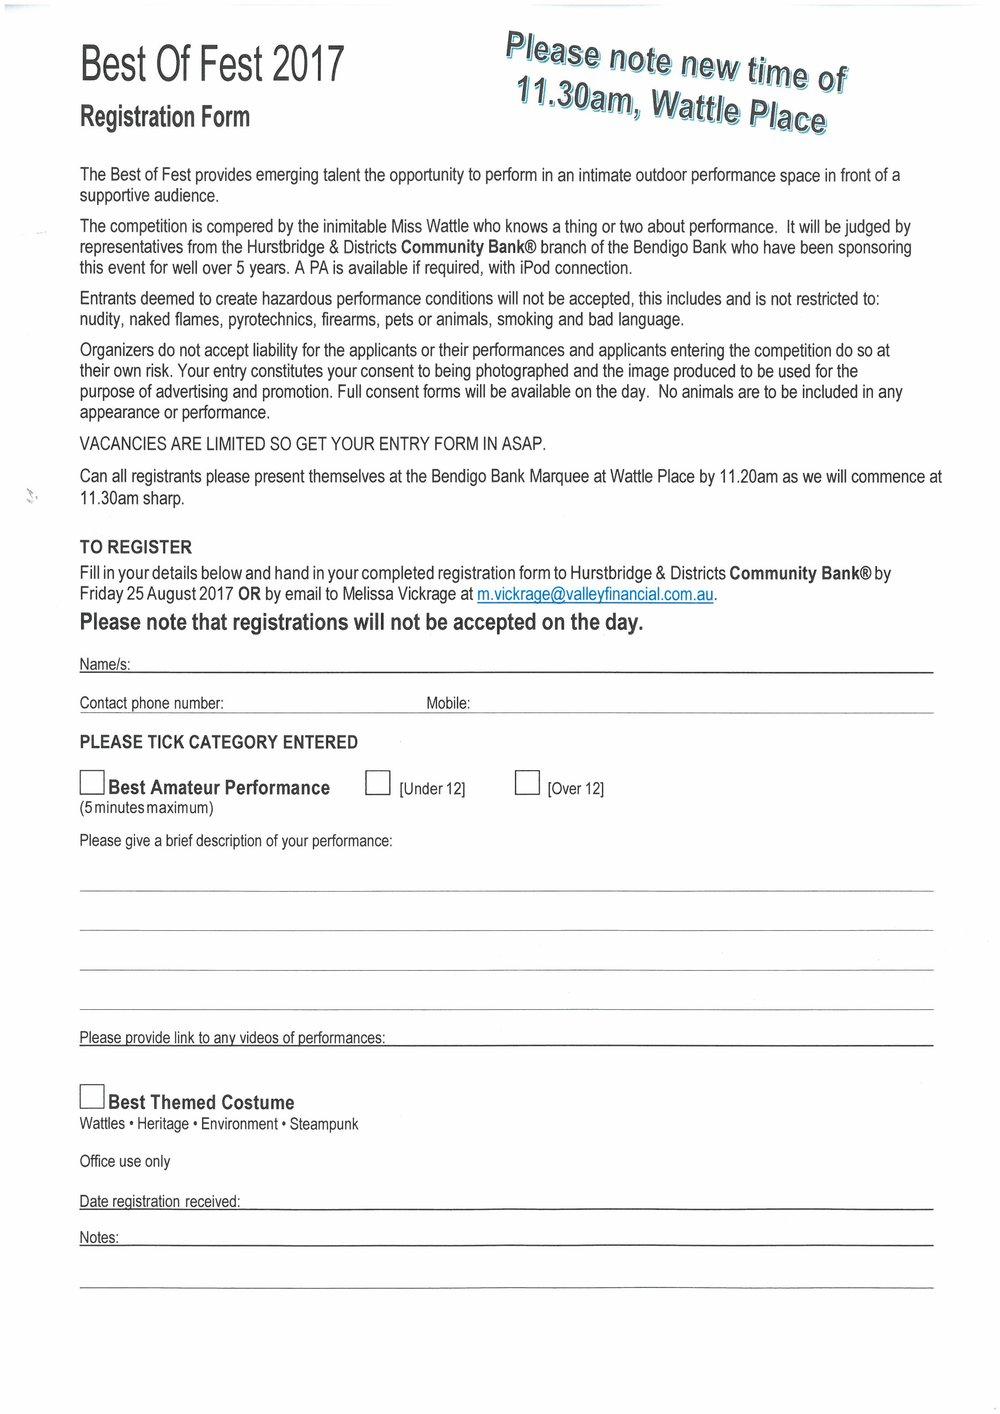 BOF Registration Form 2017.jpg